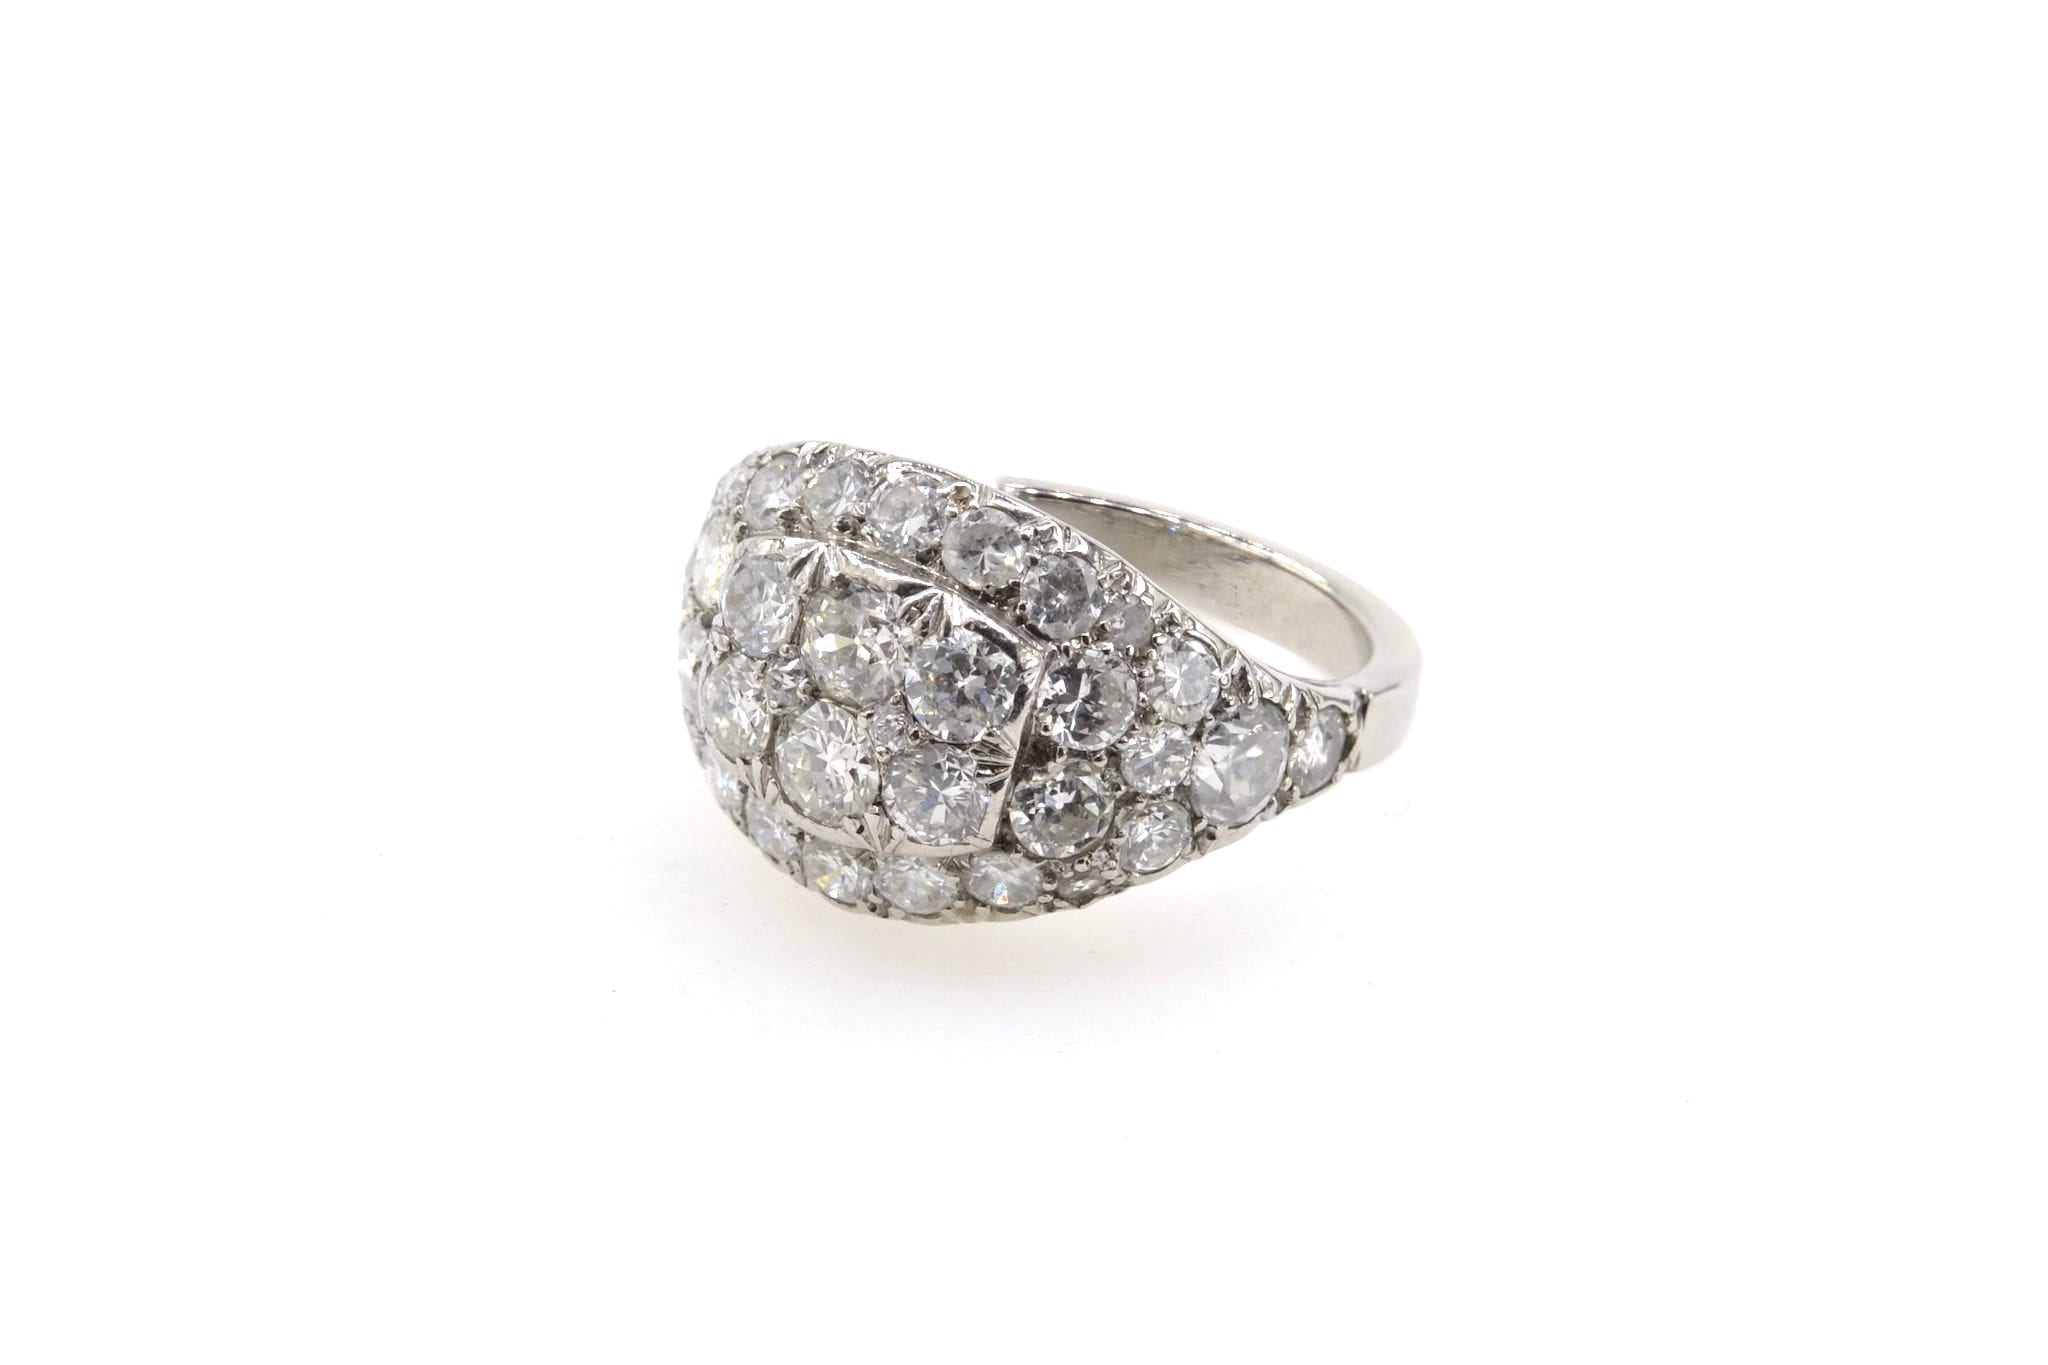 Bague ancienne bandeau pavée de diamants